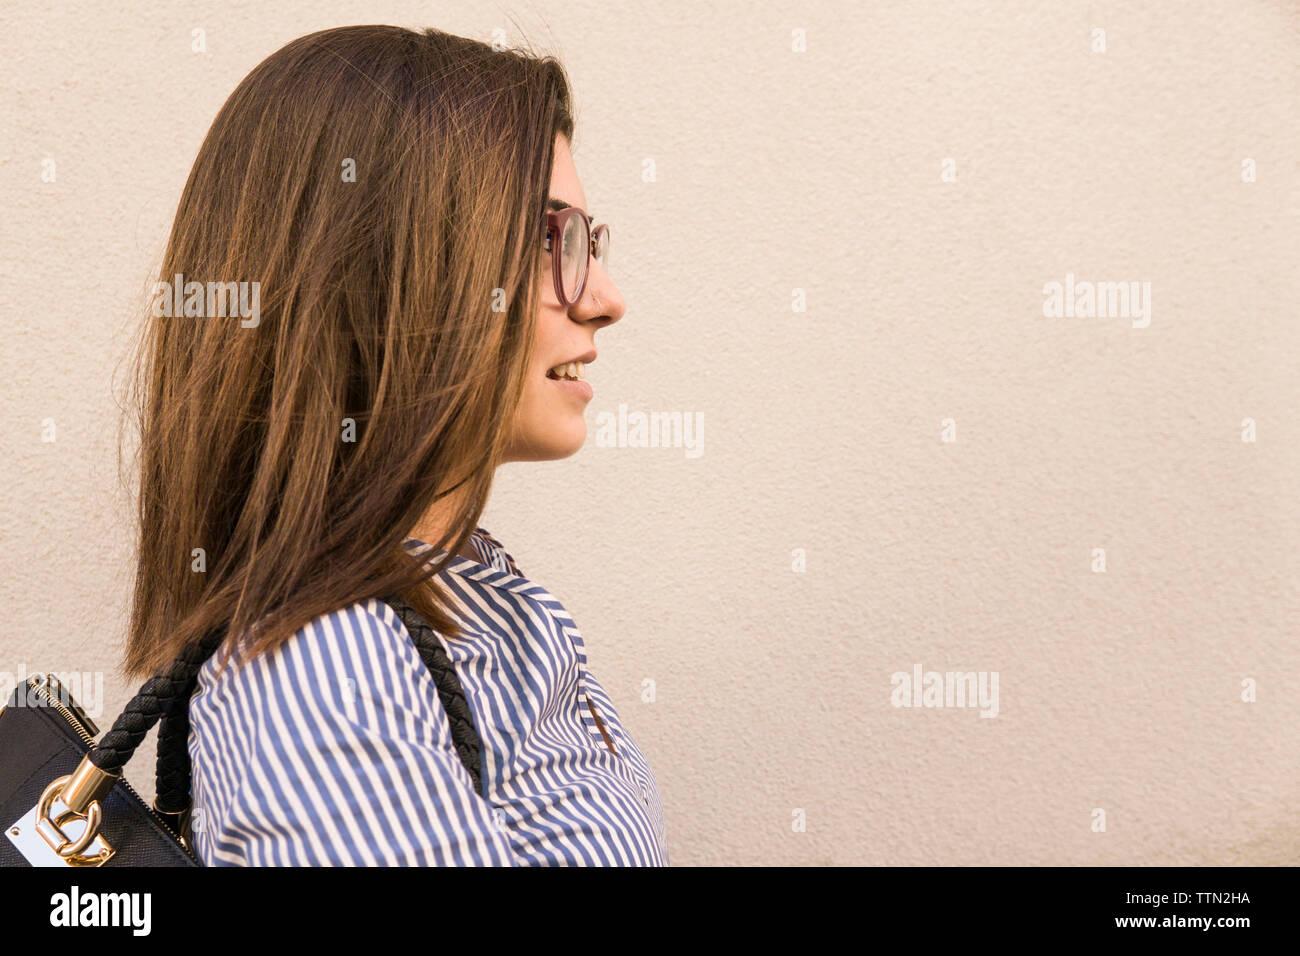 Vista laterale della ragazza adolescente con capelli castani dalla parete Immagini Stock